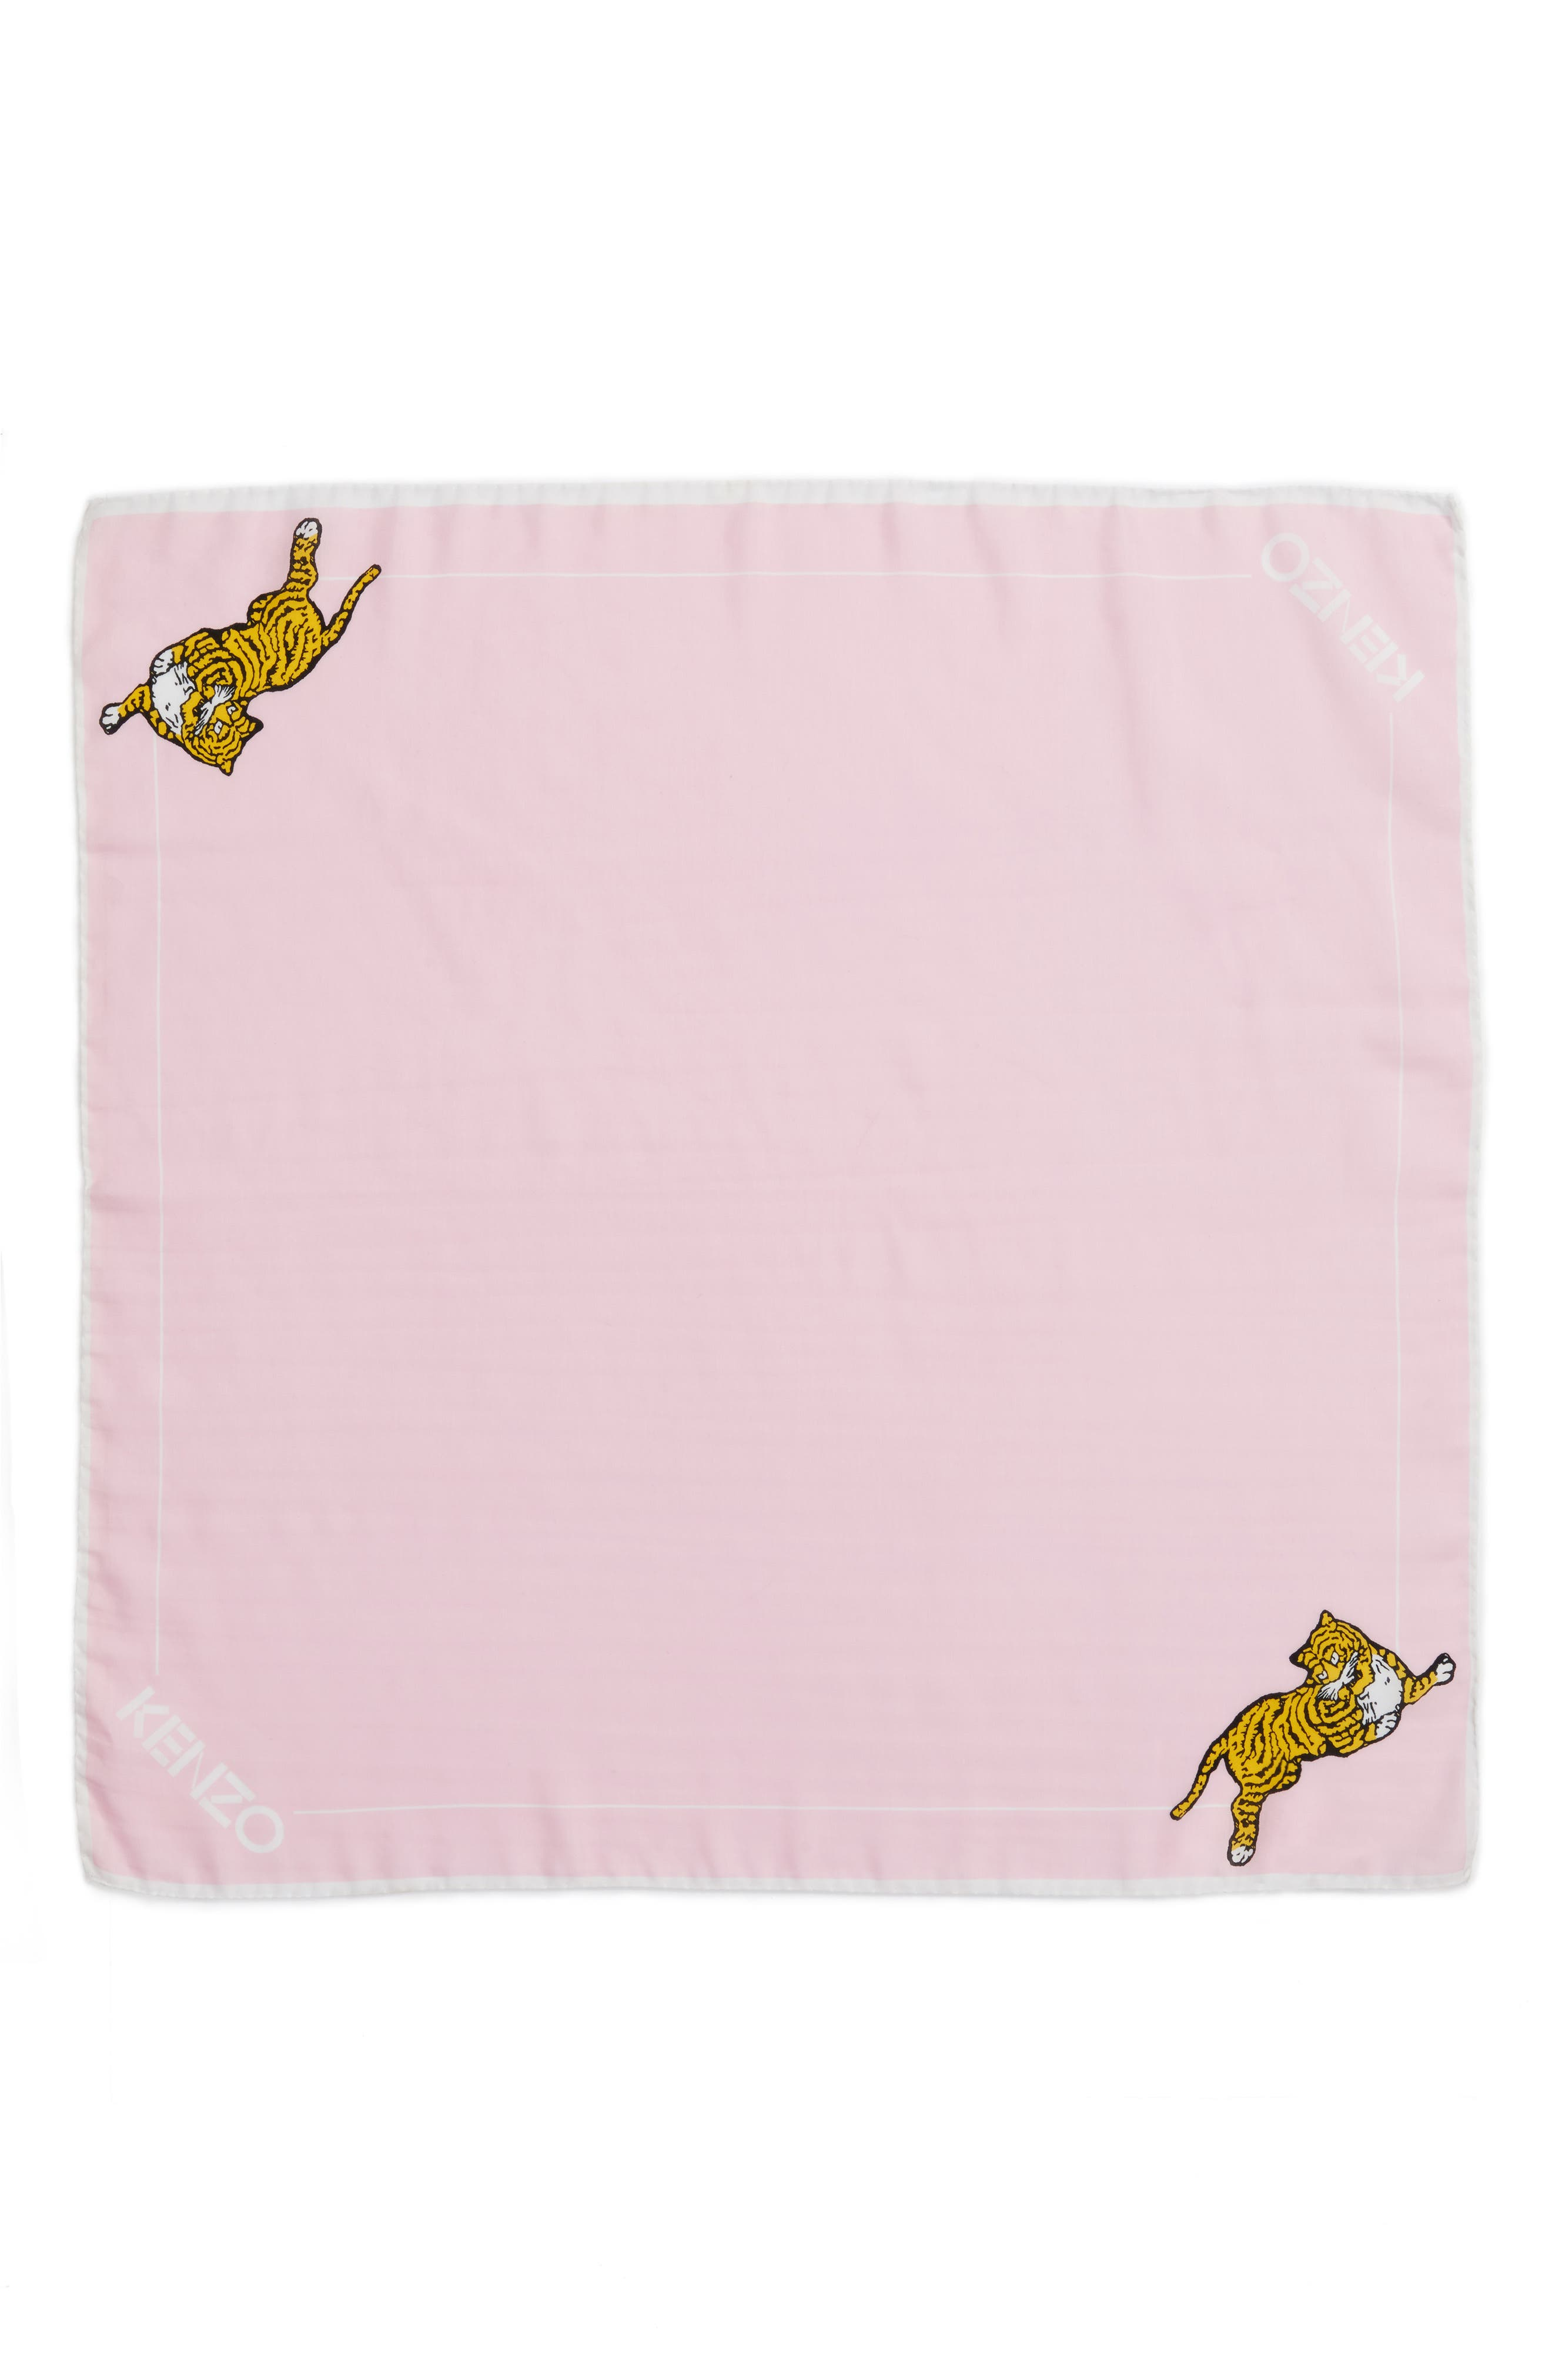 Walking Tiger Bandana Cotton & Silk Scarf,                             Main thumbnail 1, color,                             Faded Pink